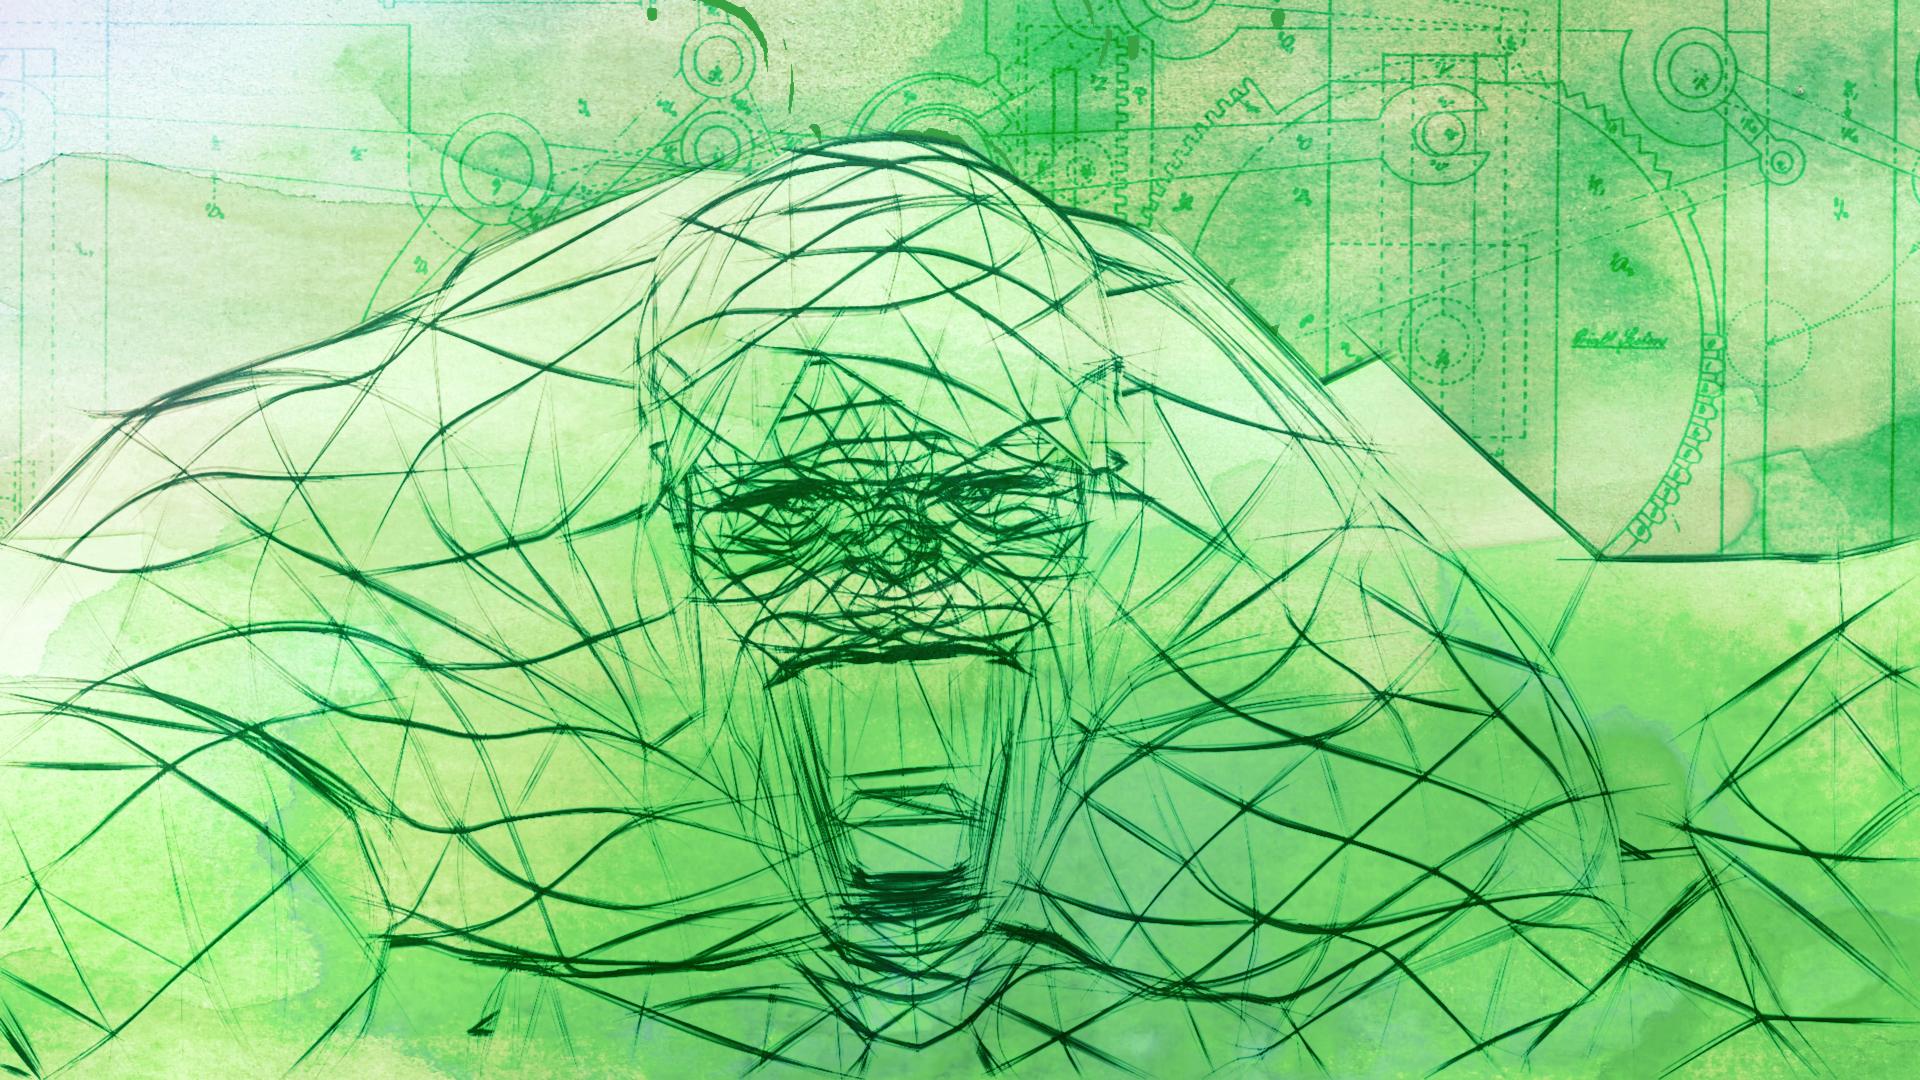 hulk scream1_16_9.jpg